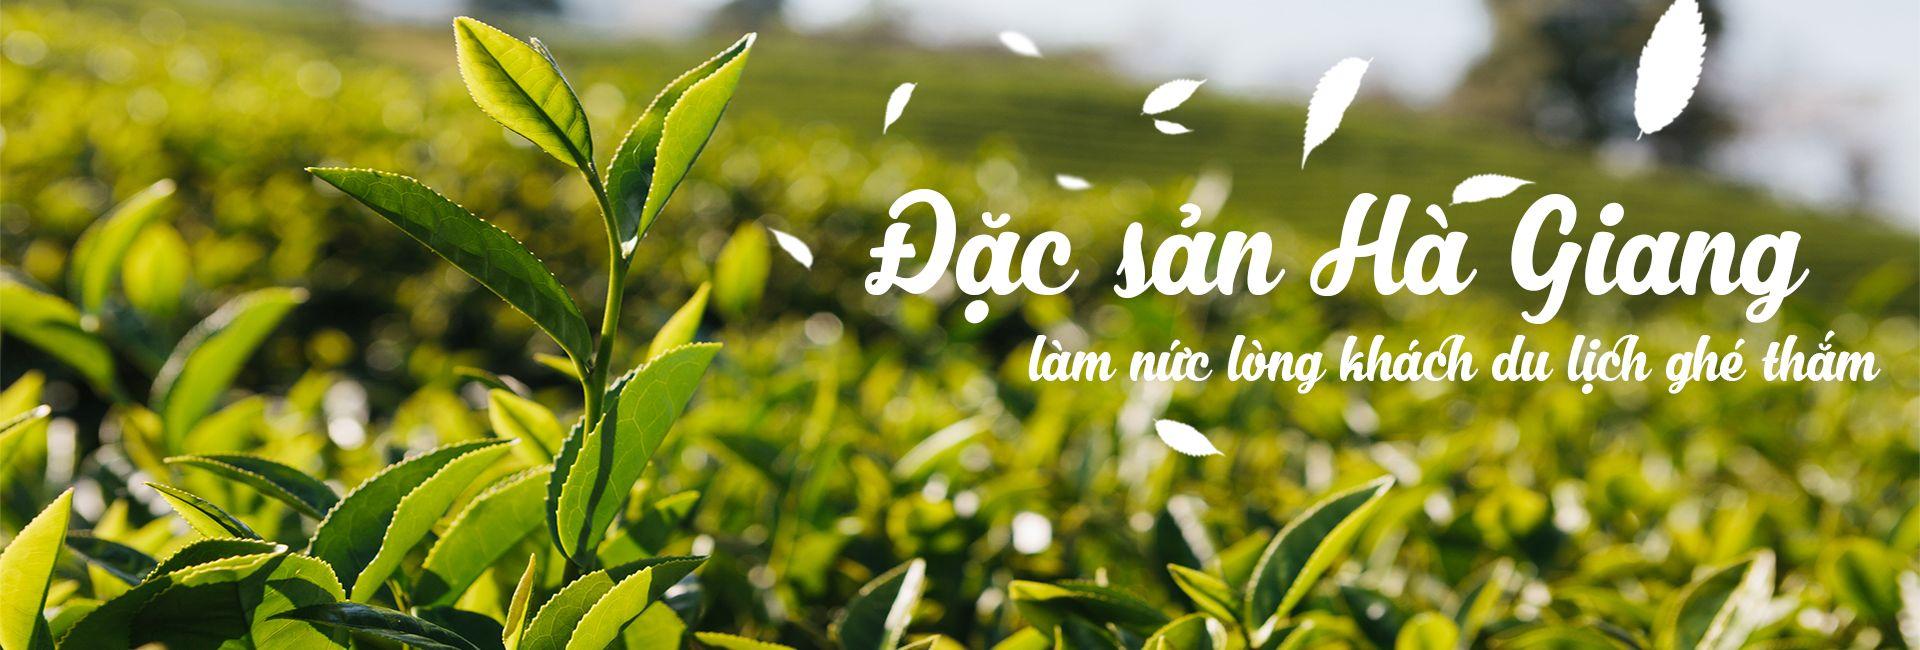 Đặc sản Hà Giang làm nức lòng khách du lịch ghé thăm